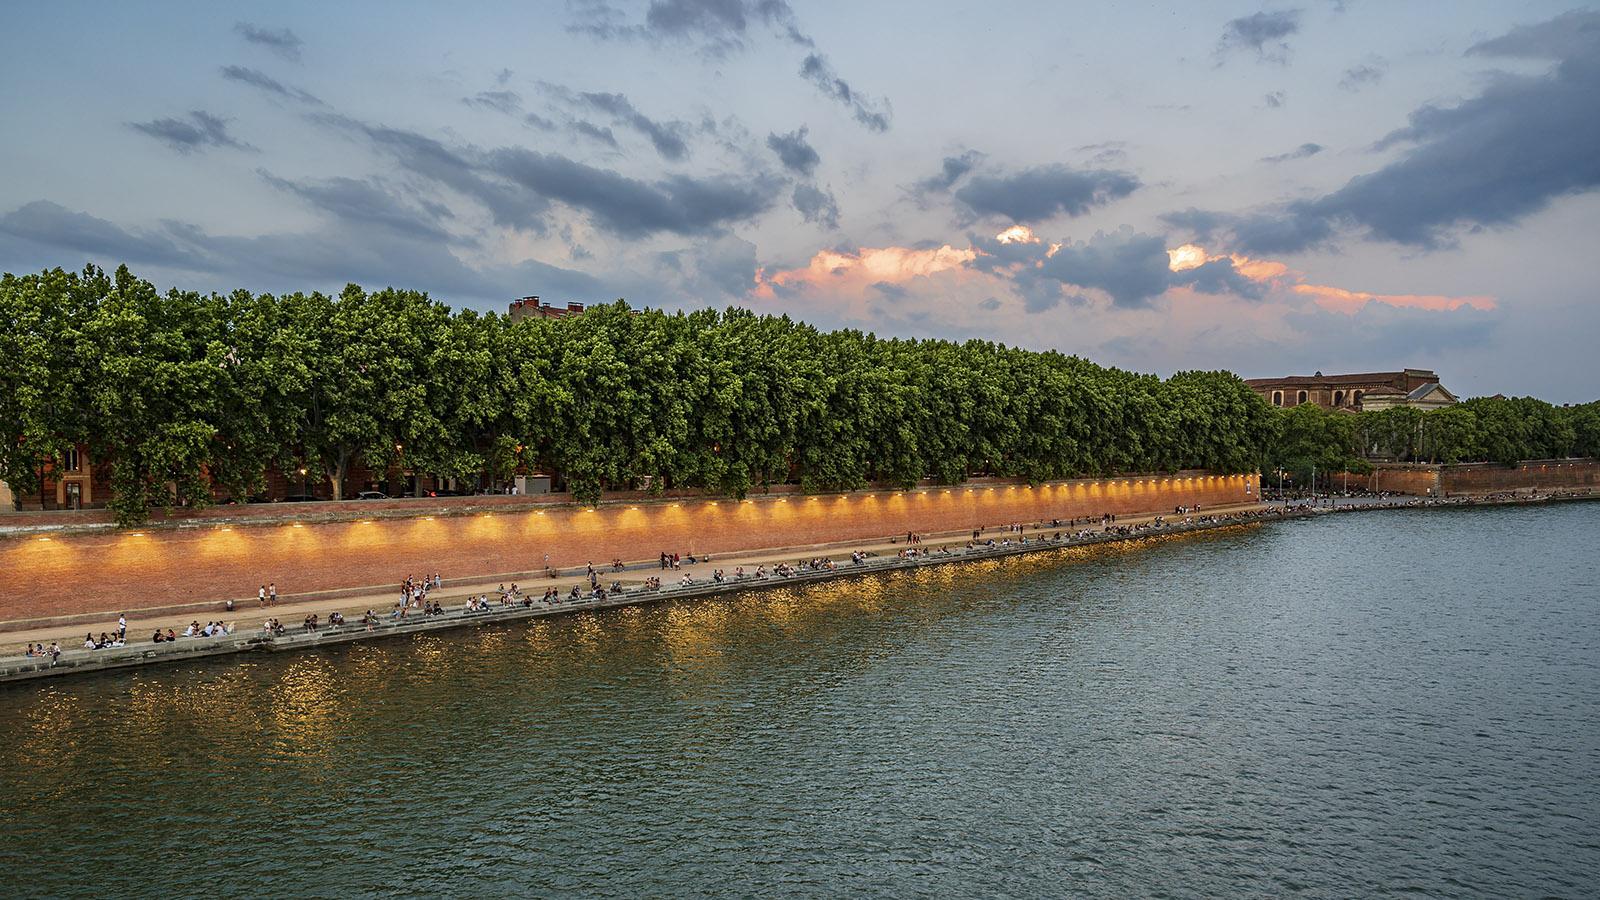 Die Kais der Garonne am frühen Abend. Foto: Hilke Maunder